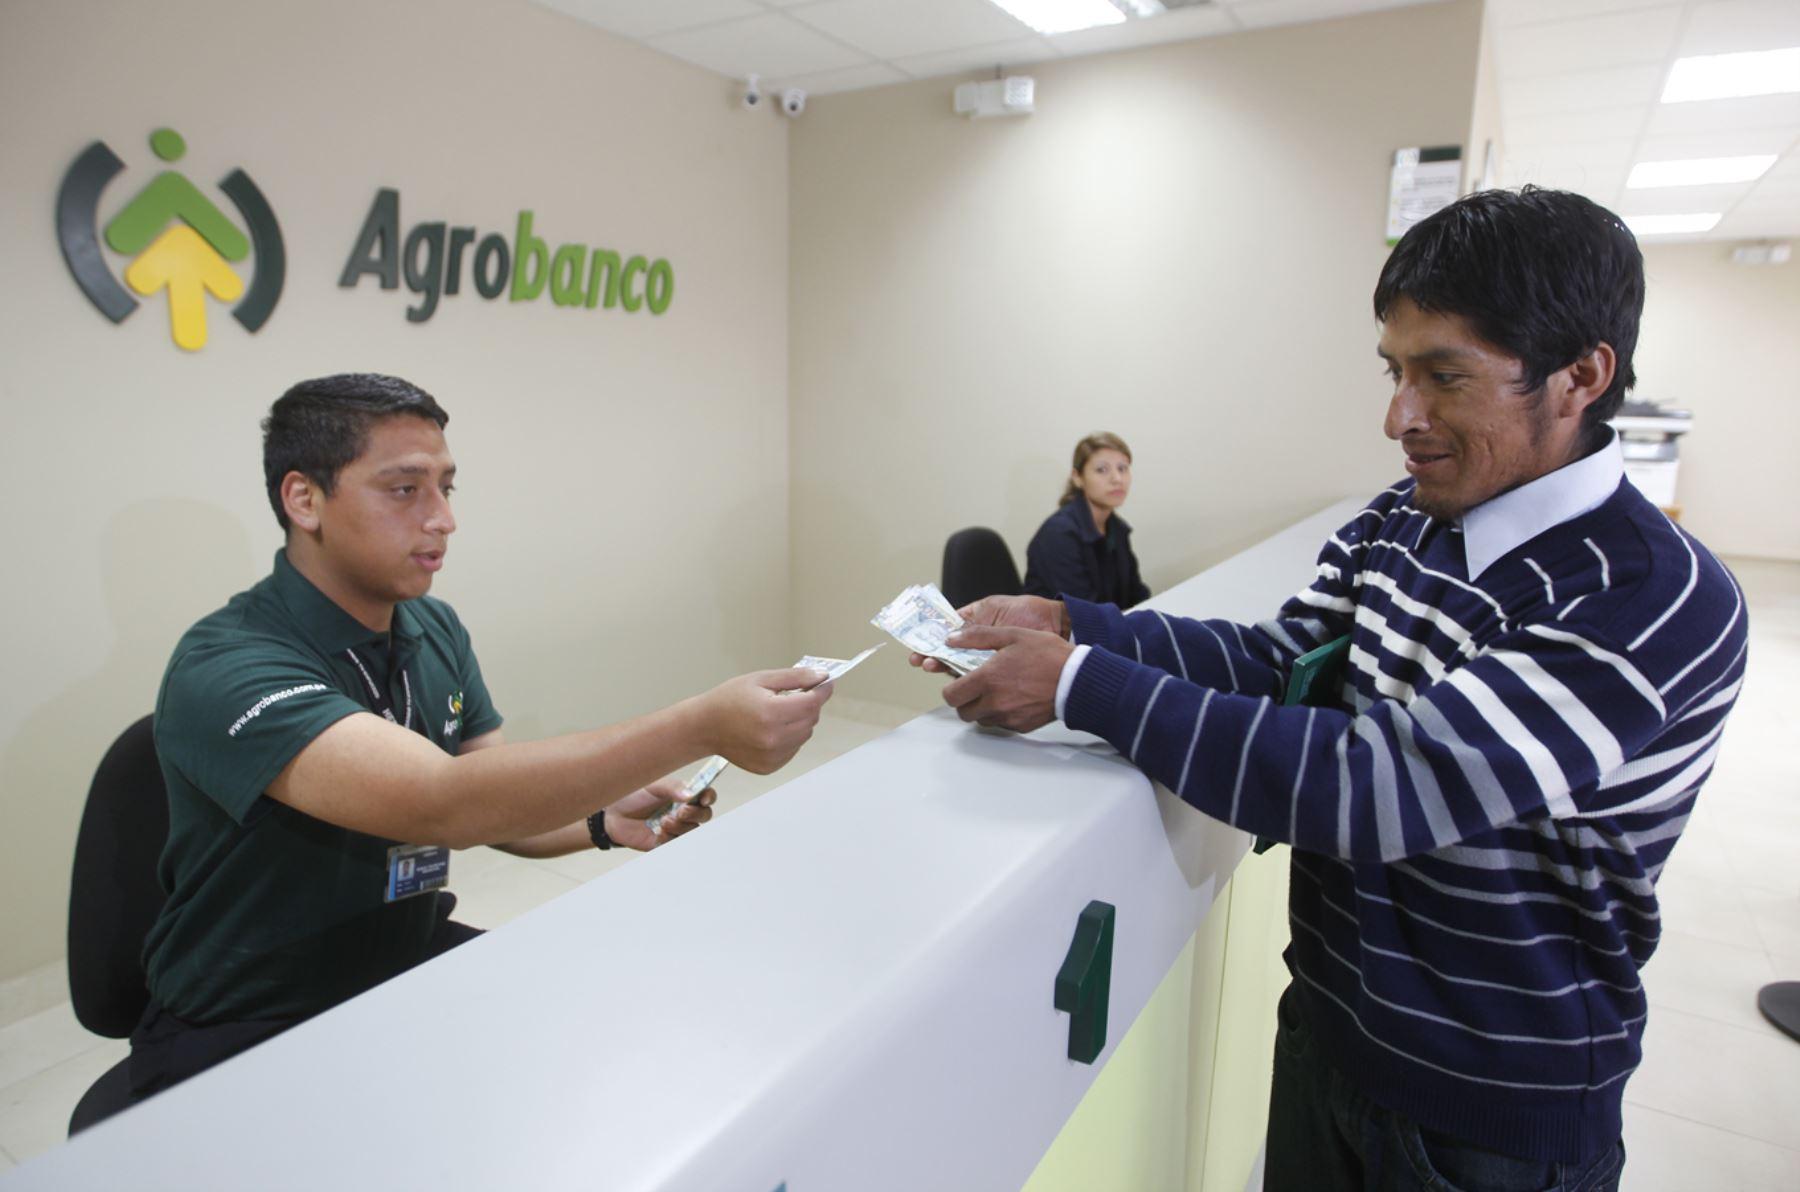 PRONTA REACTIVACIÓN DE AGROBANCO CONTRIBUIRÁ A MEJORAR LA ECONOMÍA AGRARIA DESDE EL PRÓXIMO AÑO